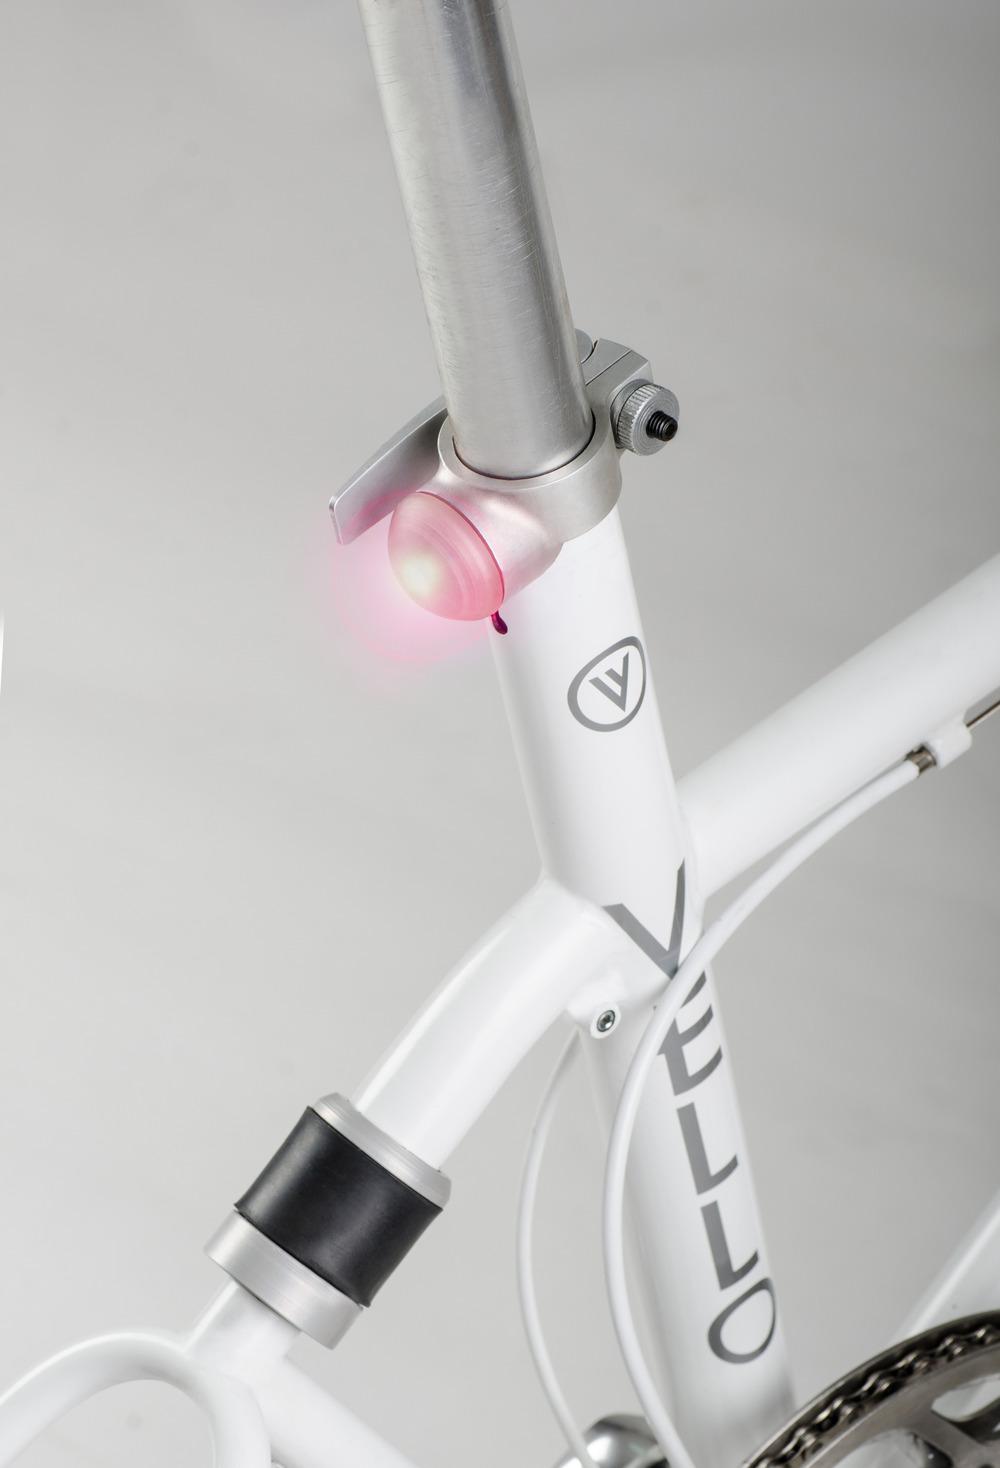 05-vello-bike-valentin-vodev